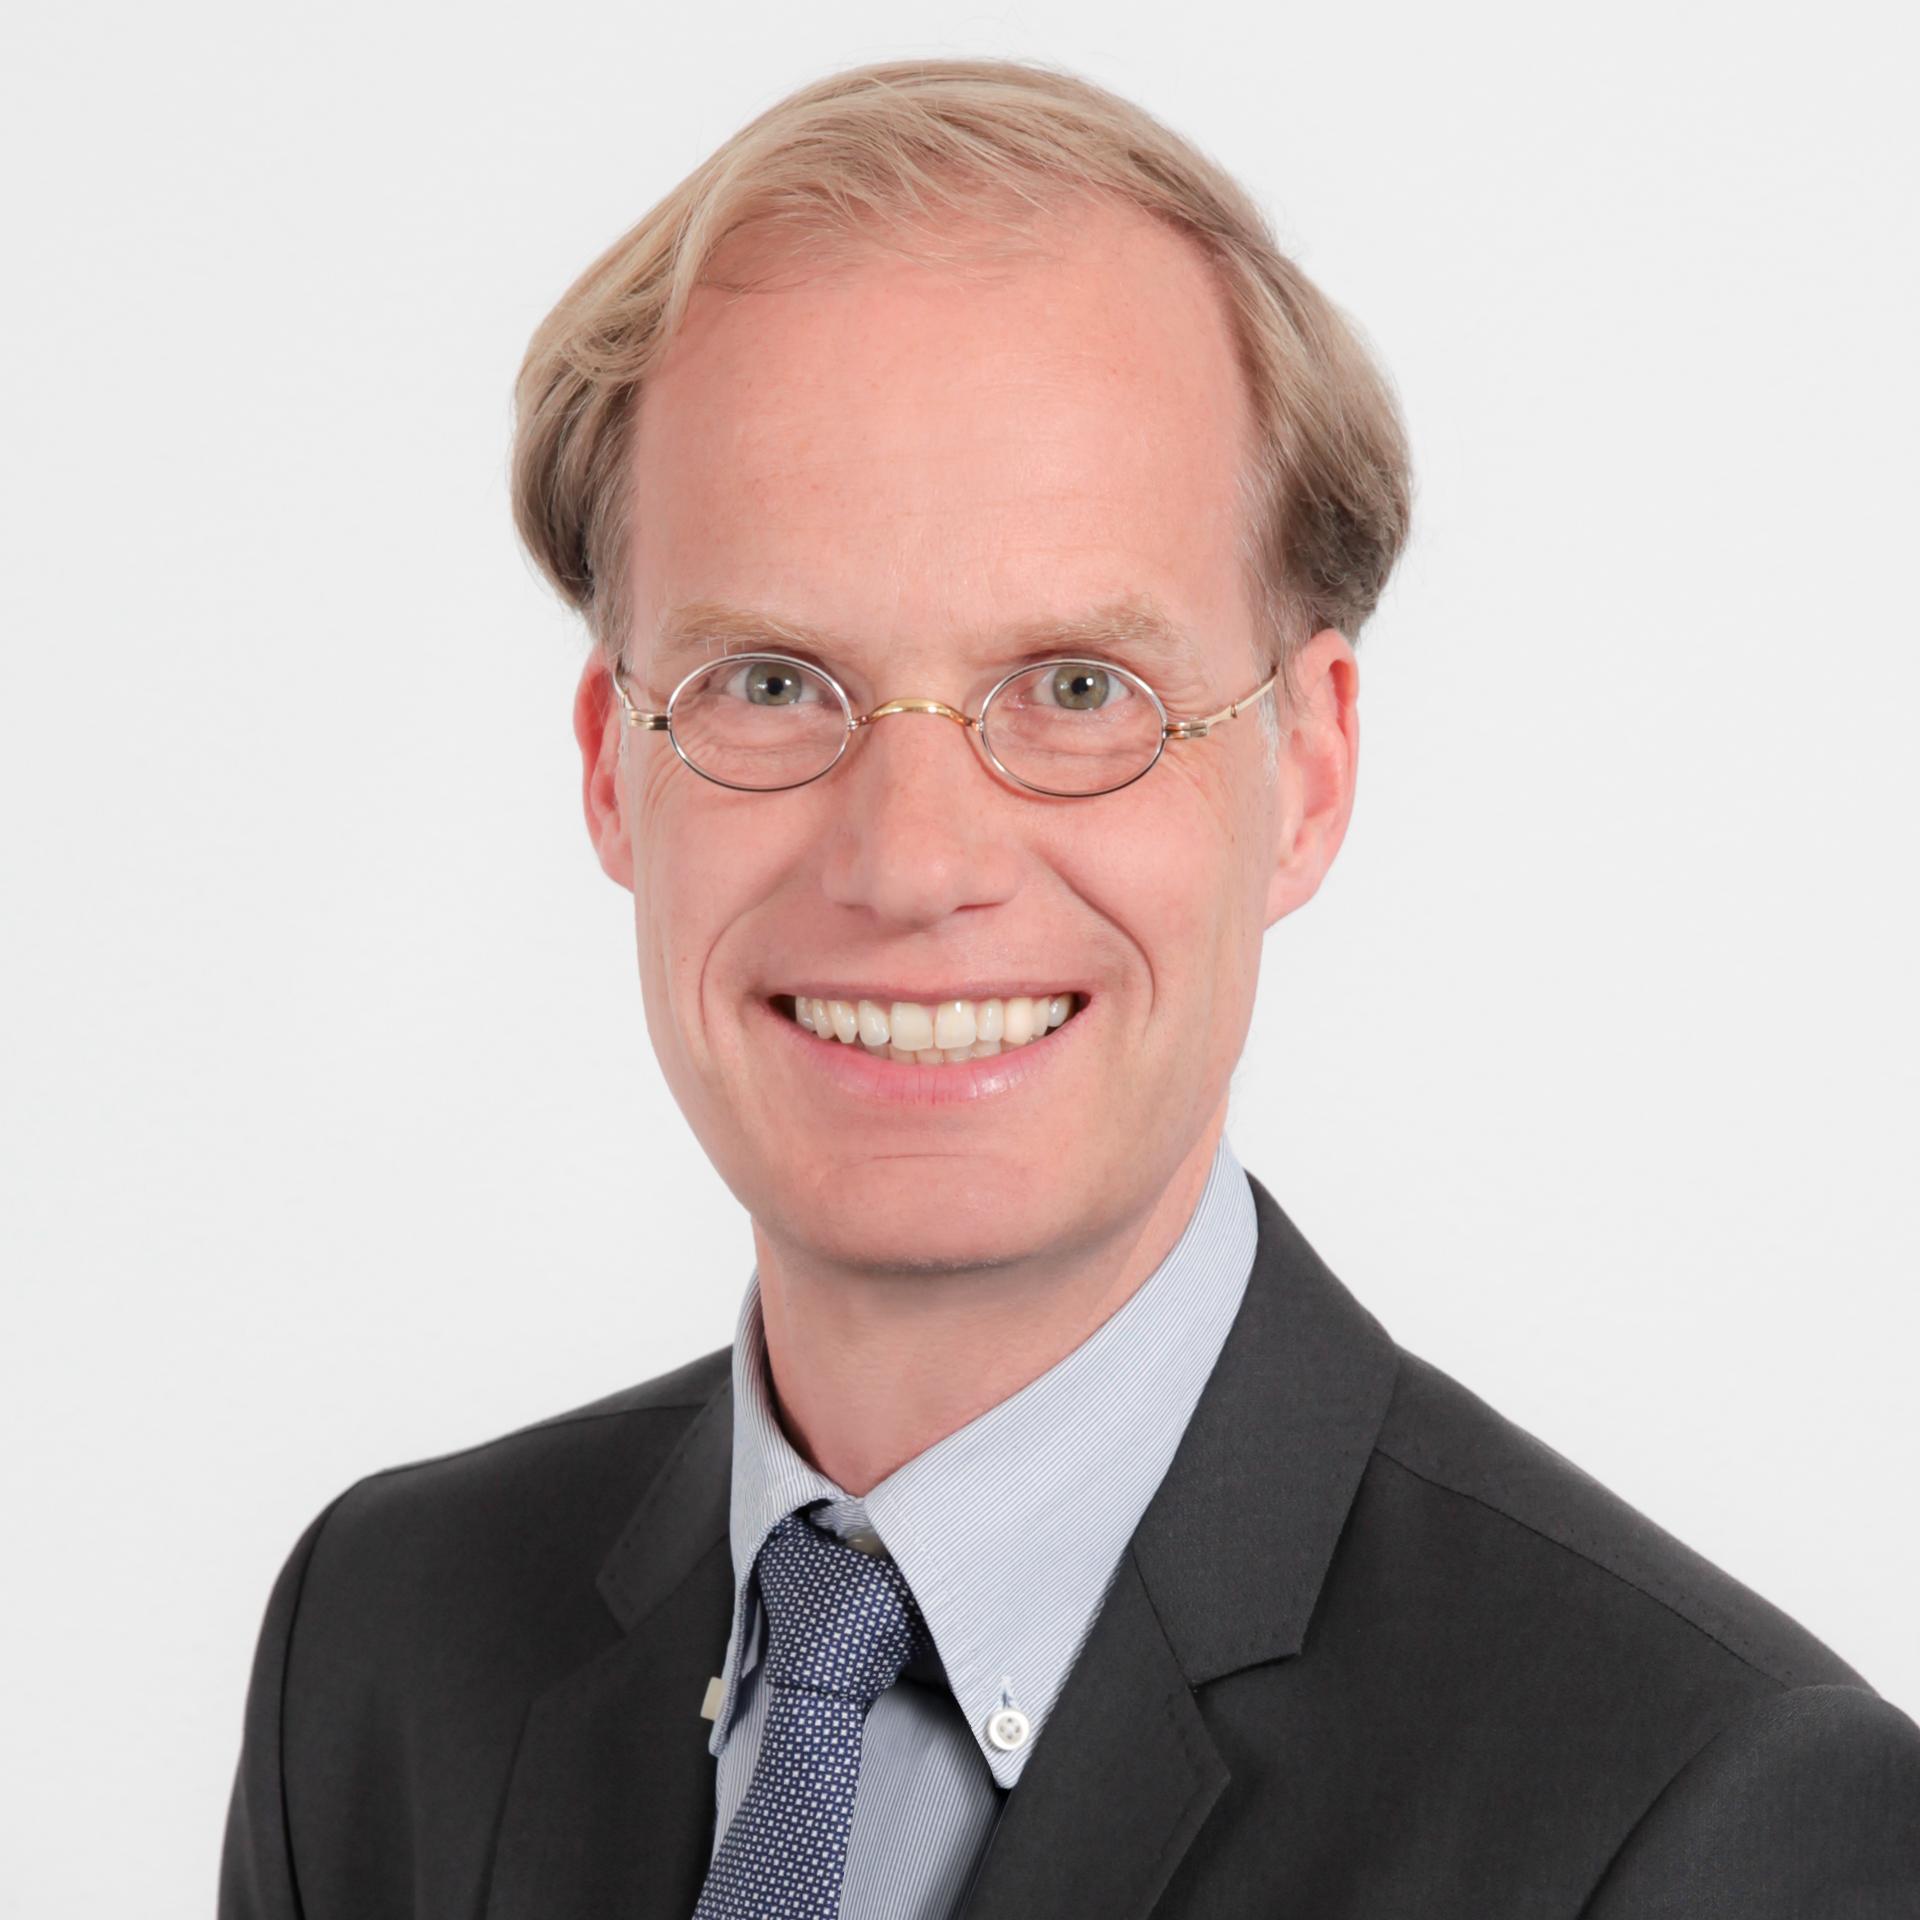 Evert Wendelaar Bonga